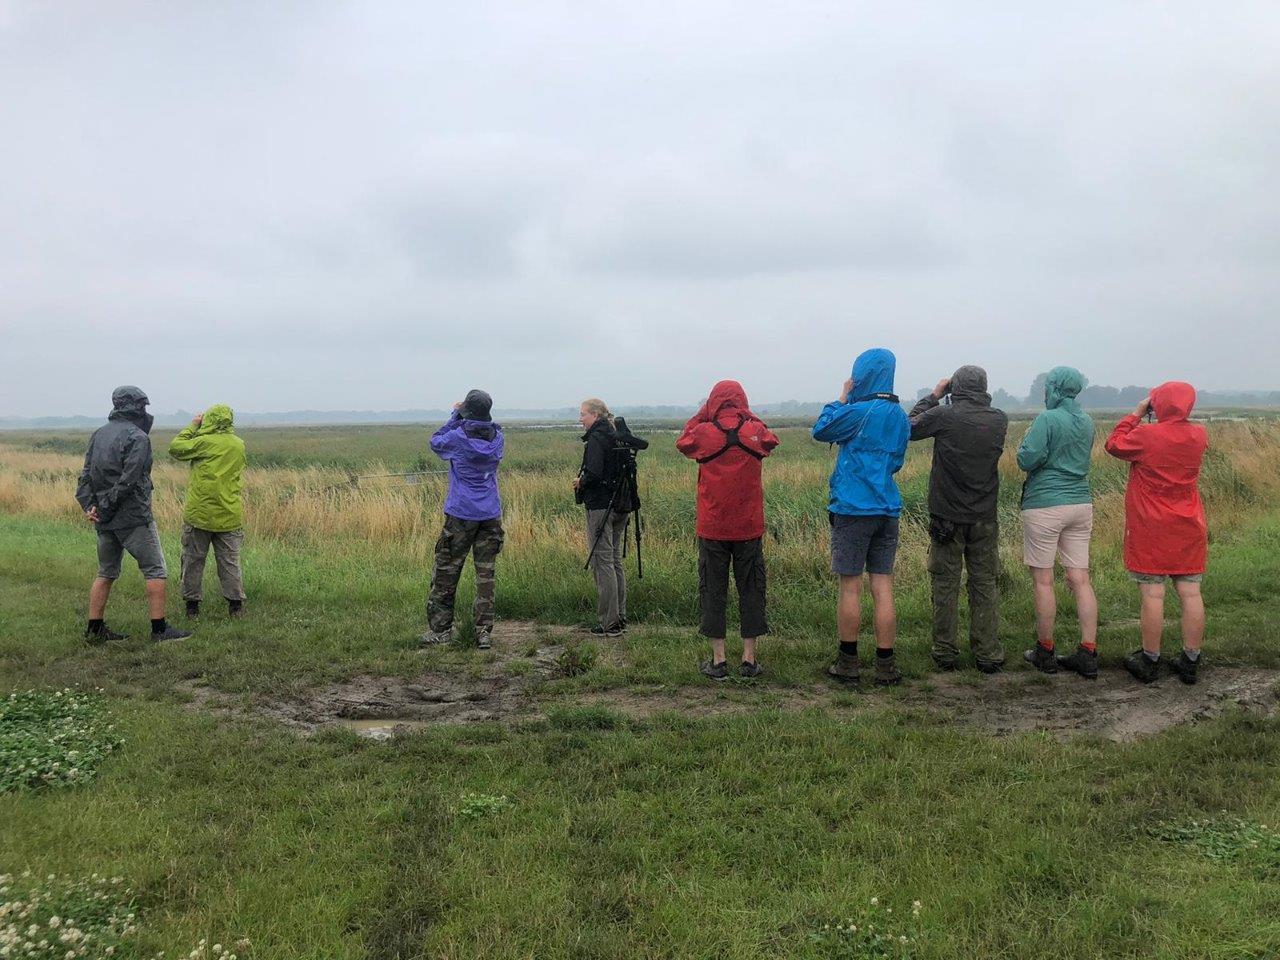 Kijken naar Witwangsterns (foto door deelnemer)